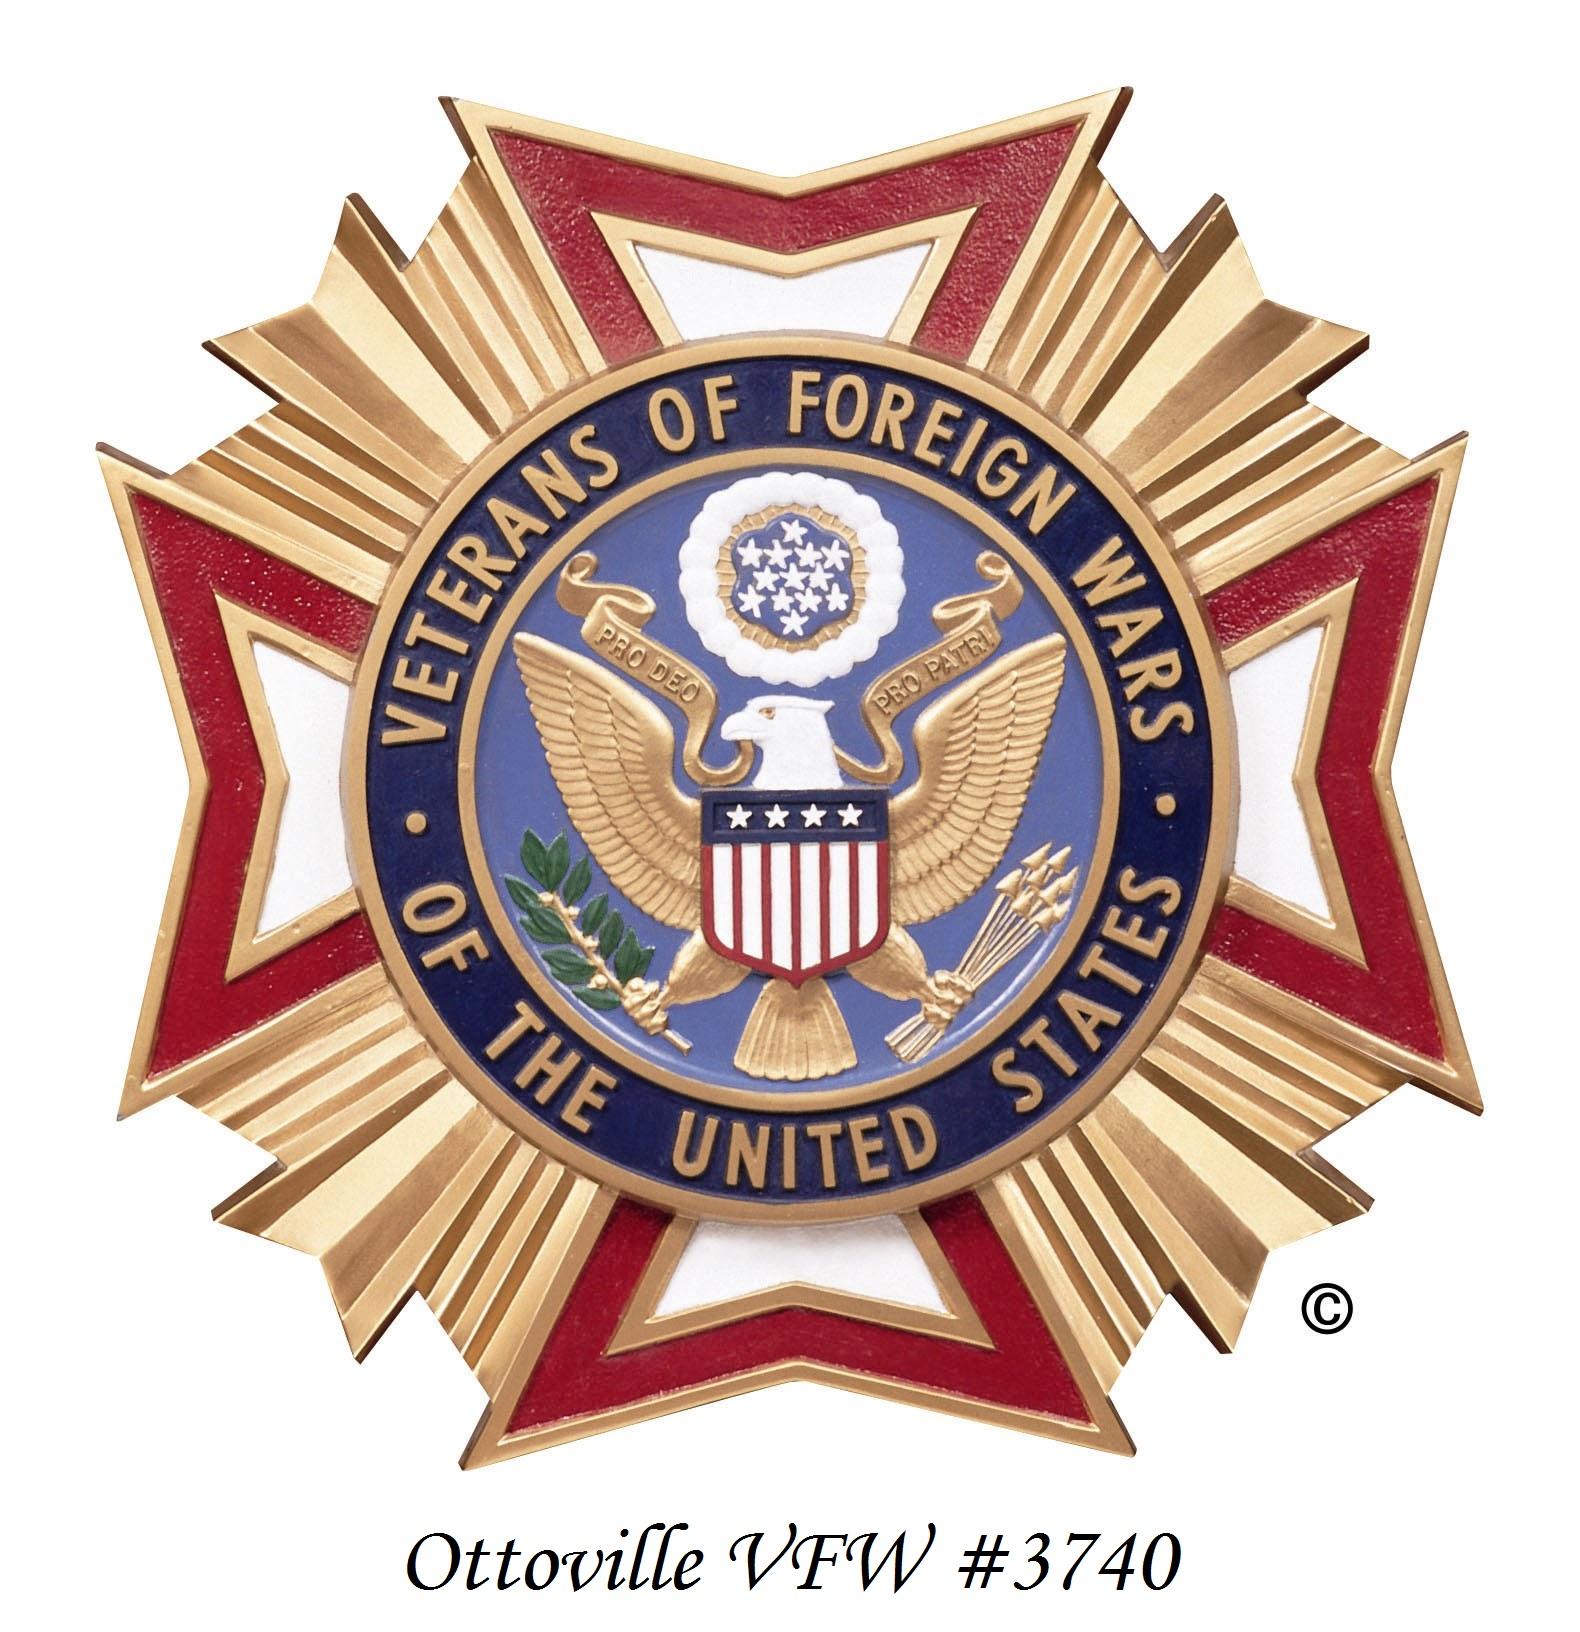 VFW Post 3740